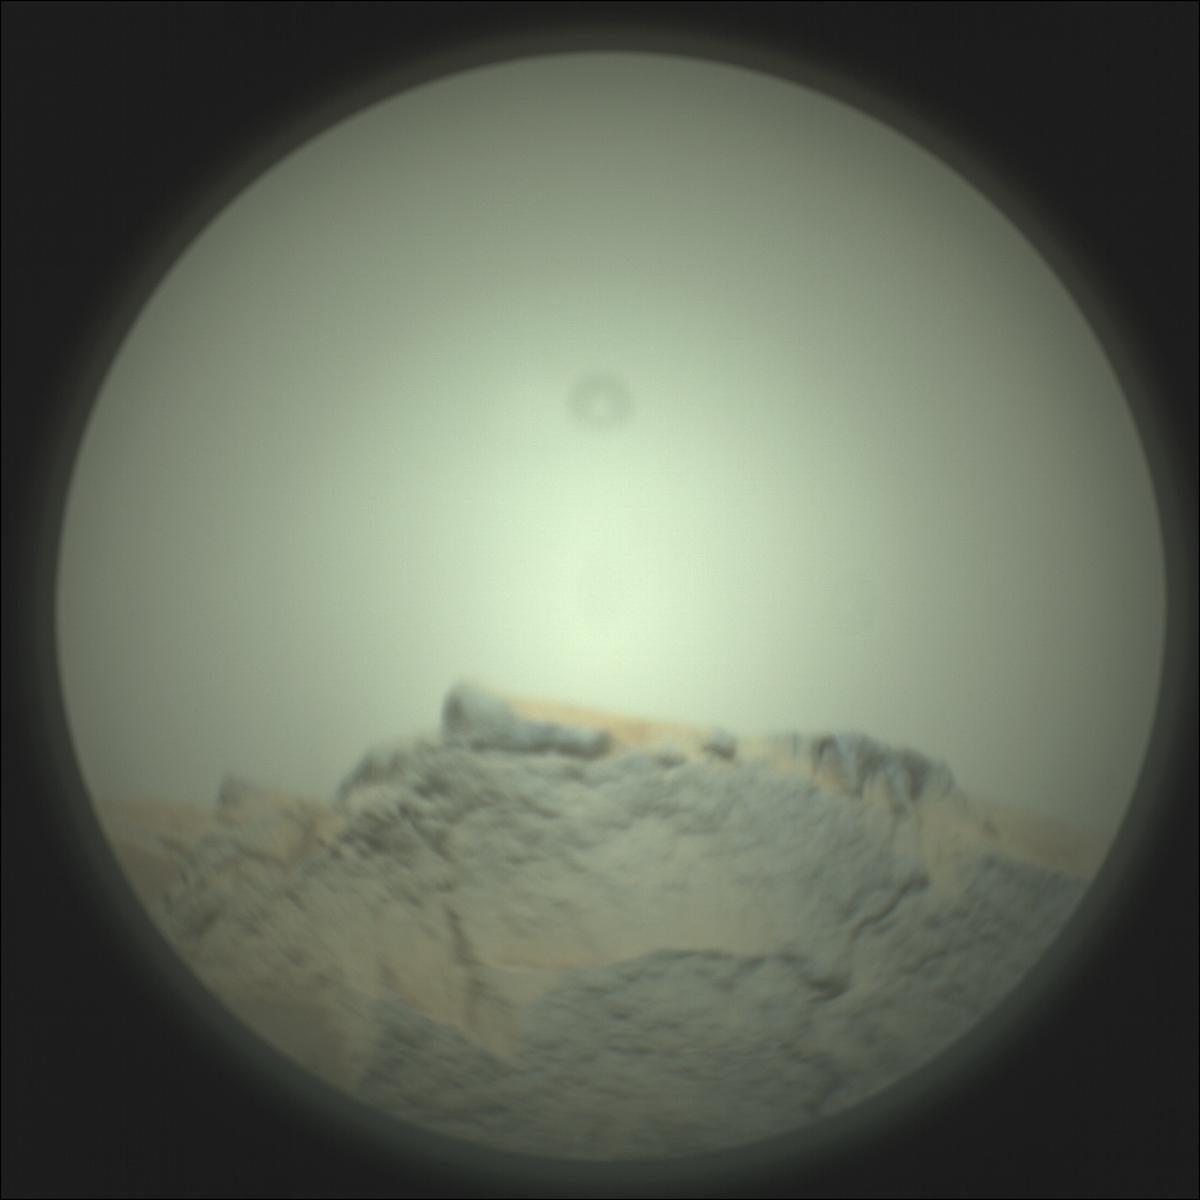 Mars Rover Photo #865426